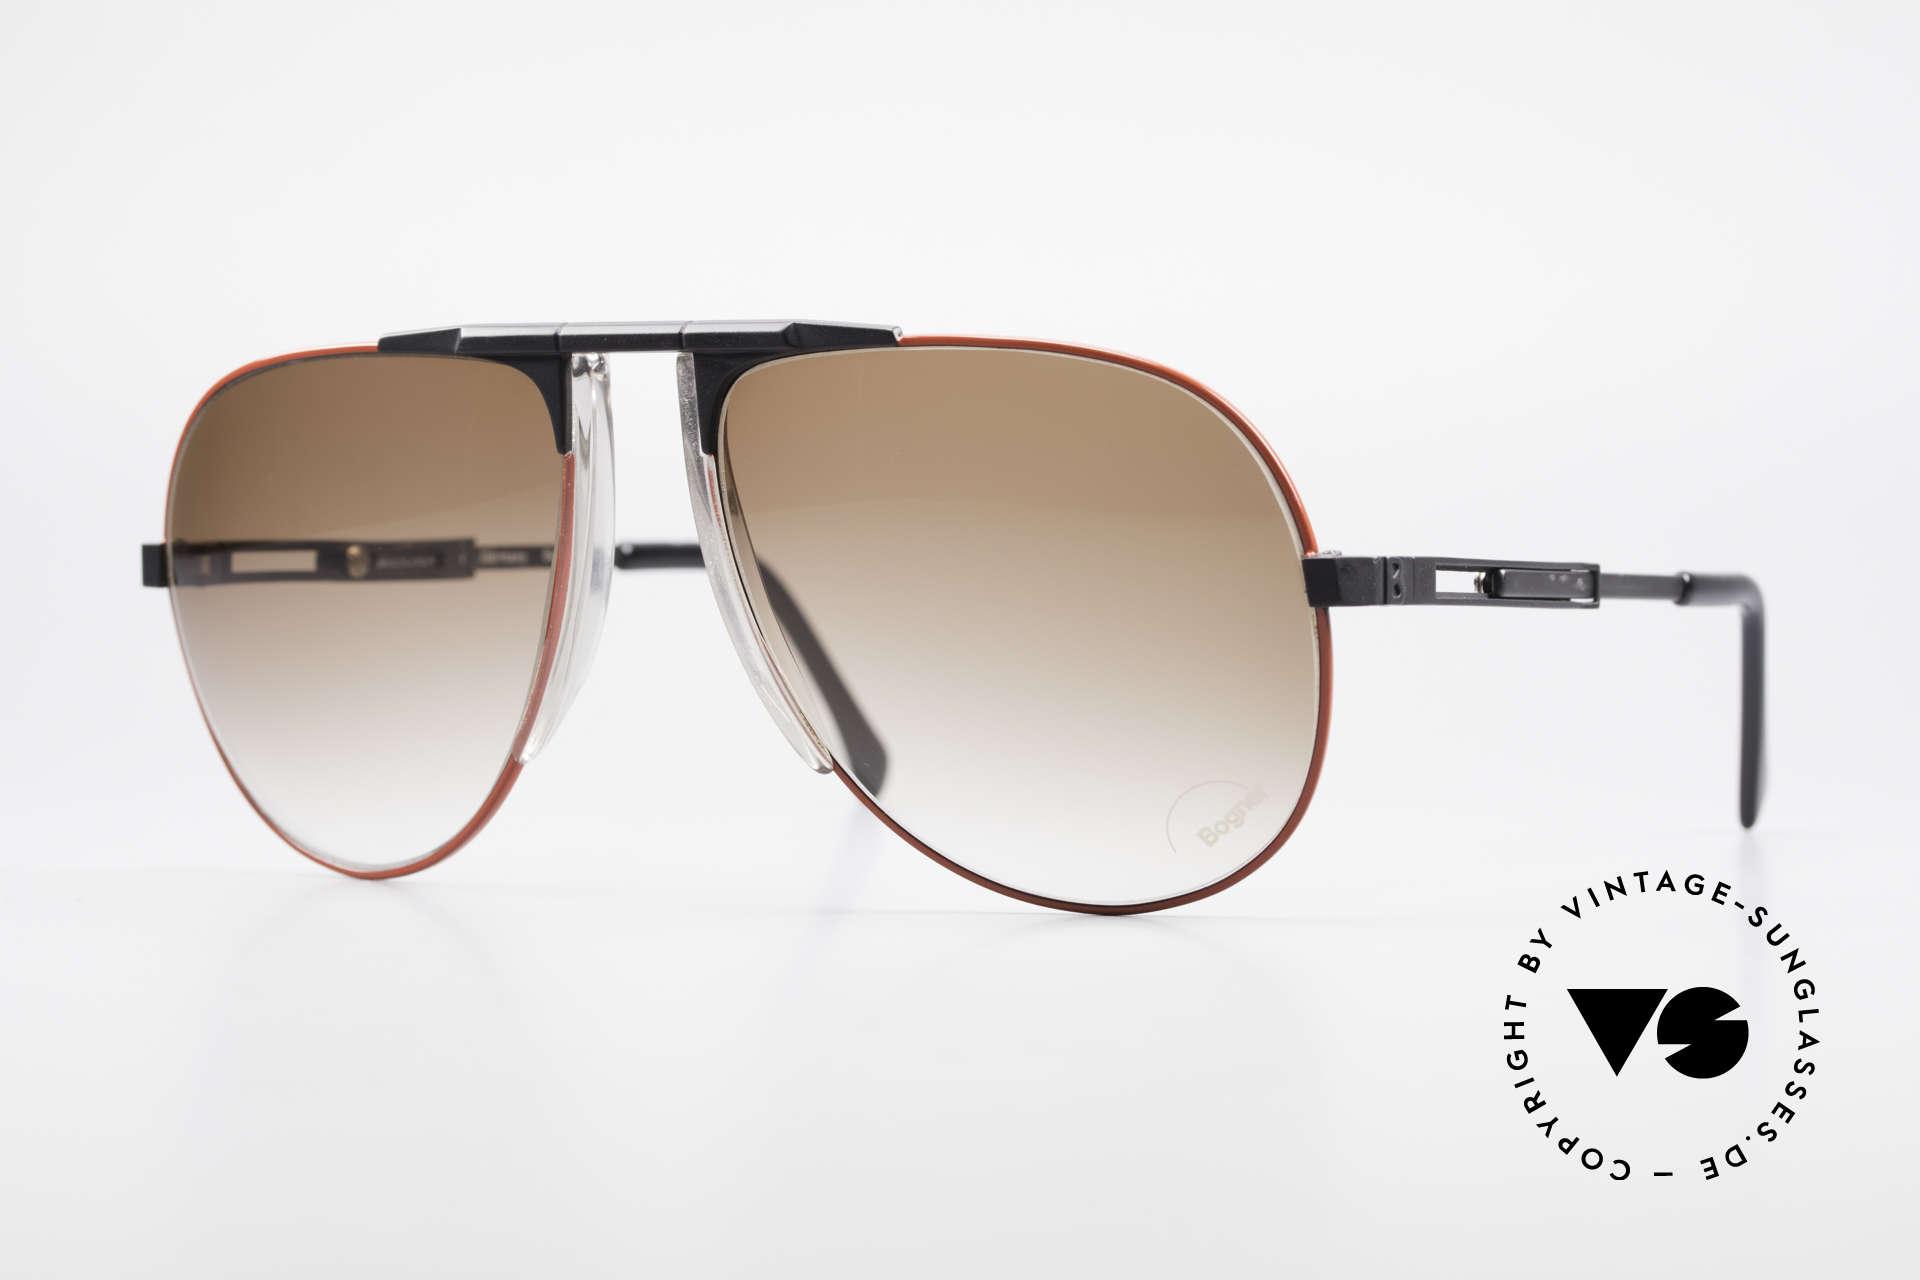 Sonnenbrillen Willy Bogner 7011 Einstellbare 80er Sonnenbrille